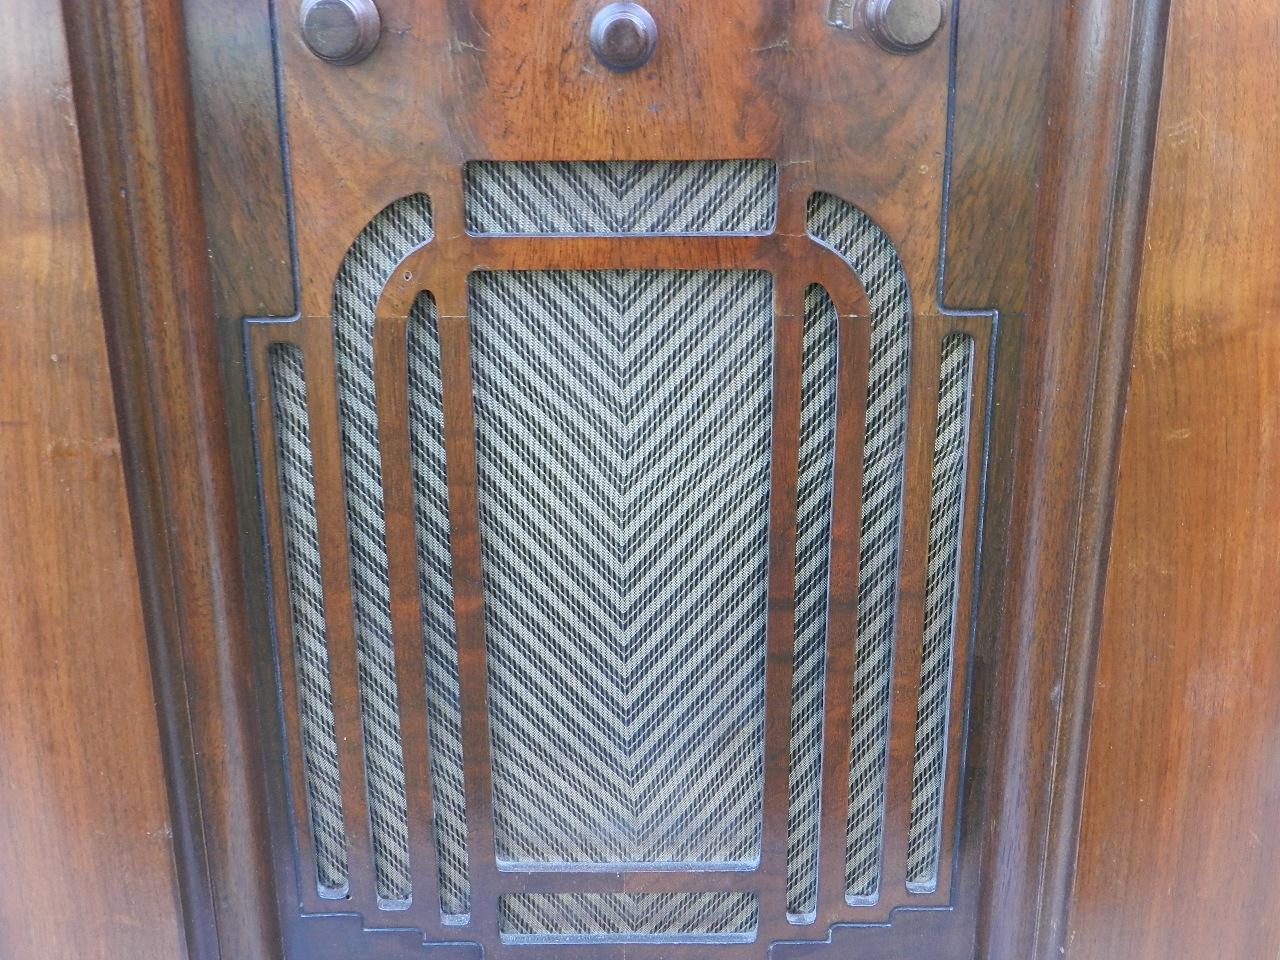 Imagen RADIO GRAMOLA ANDREA AÑO 1940 28552